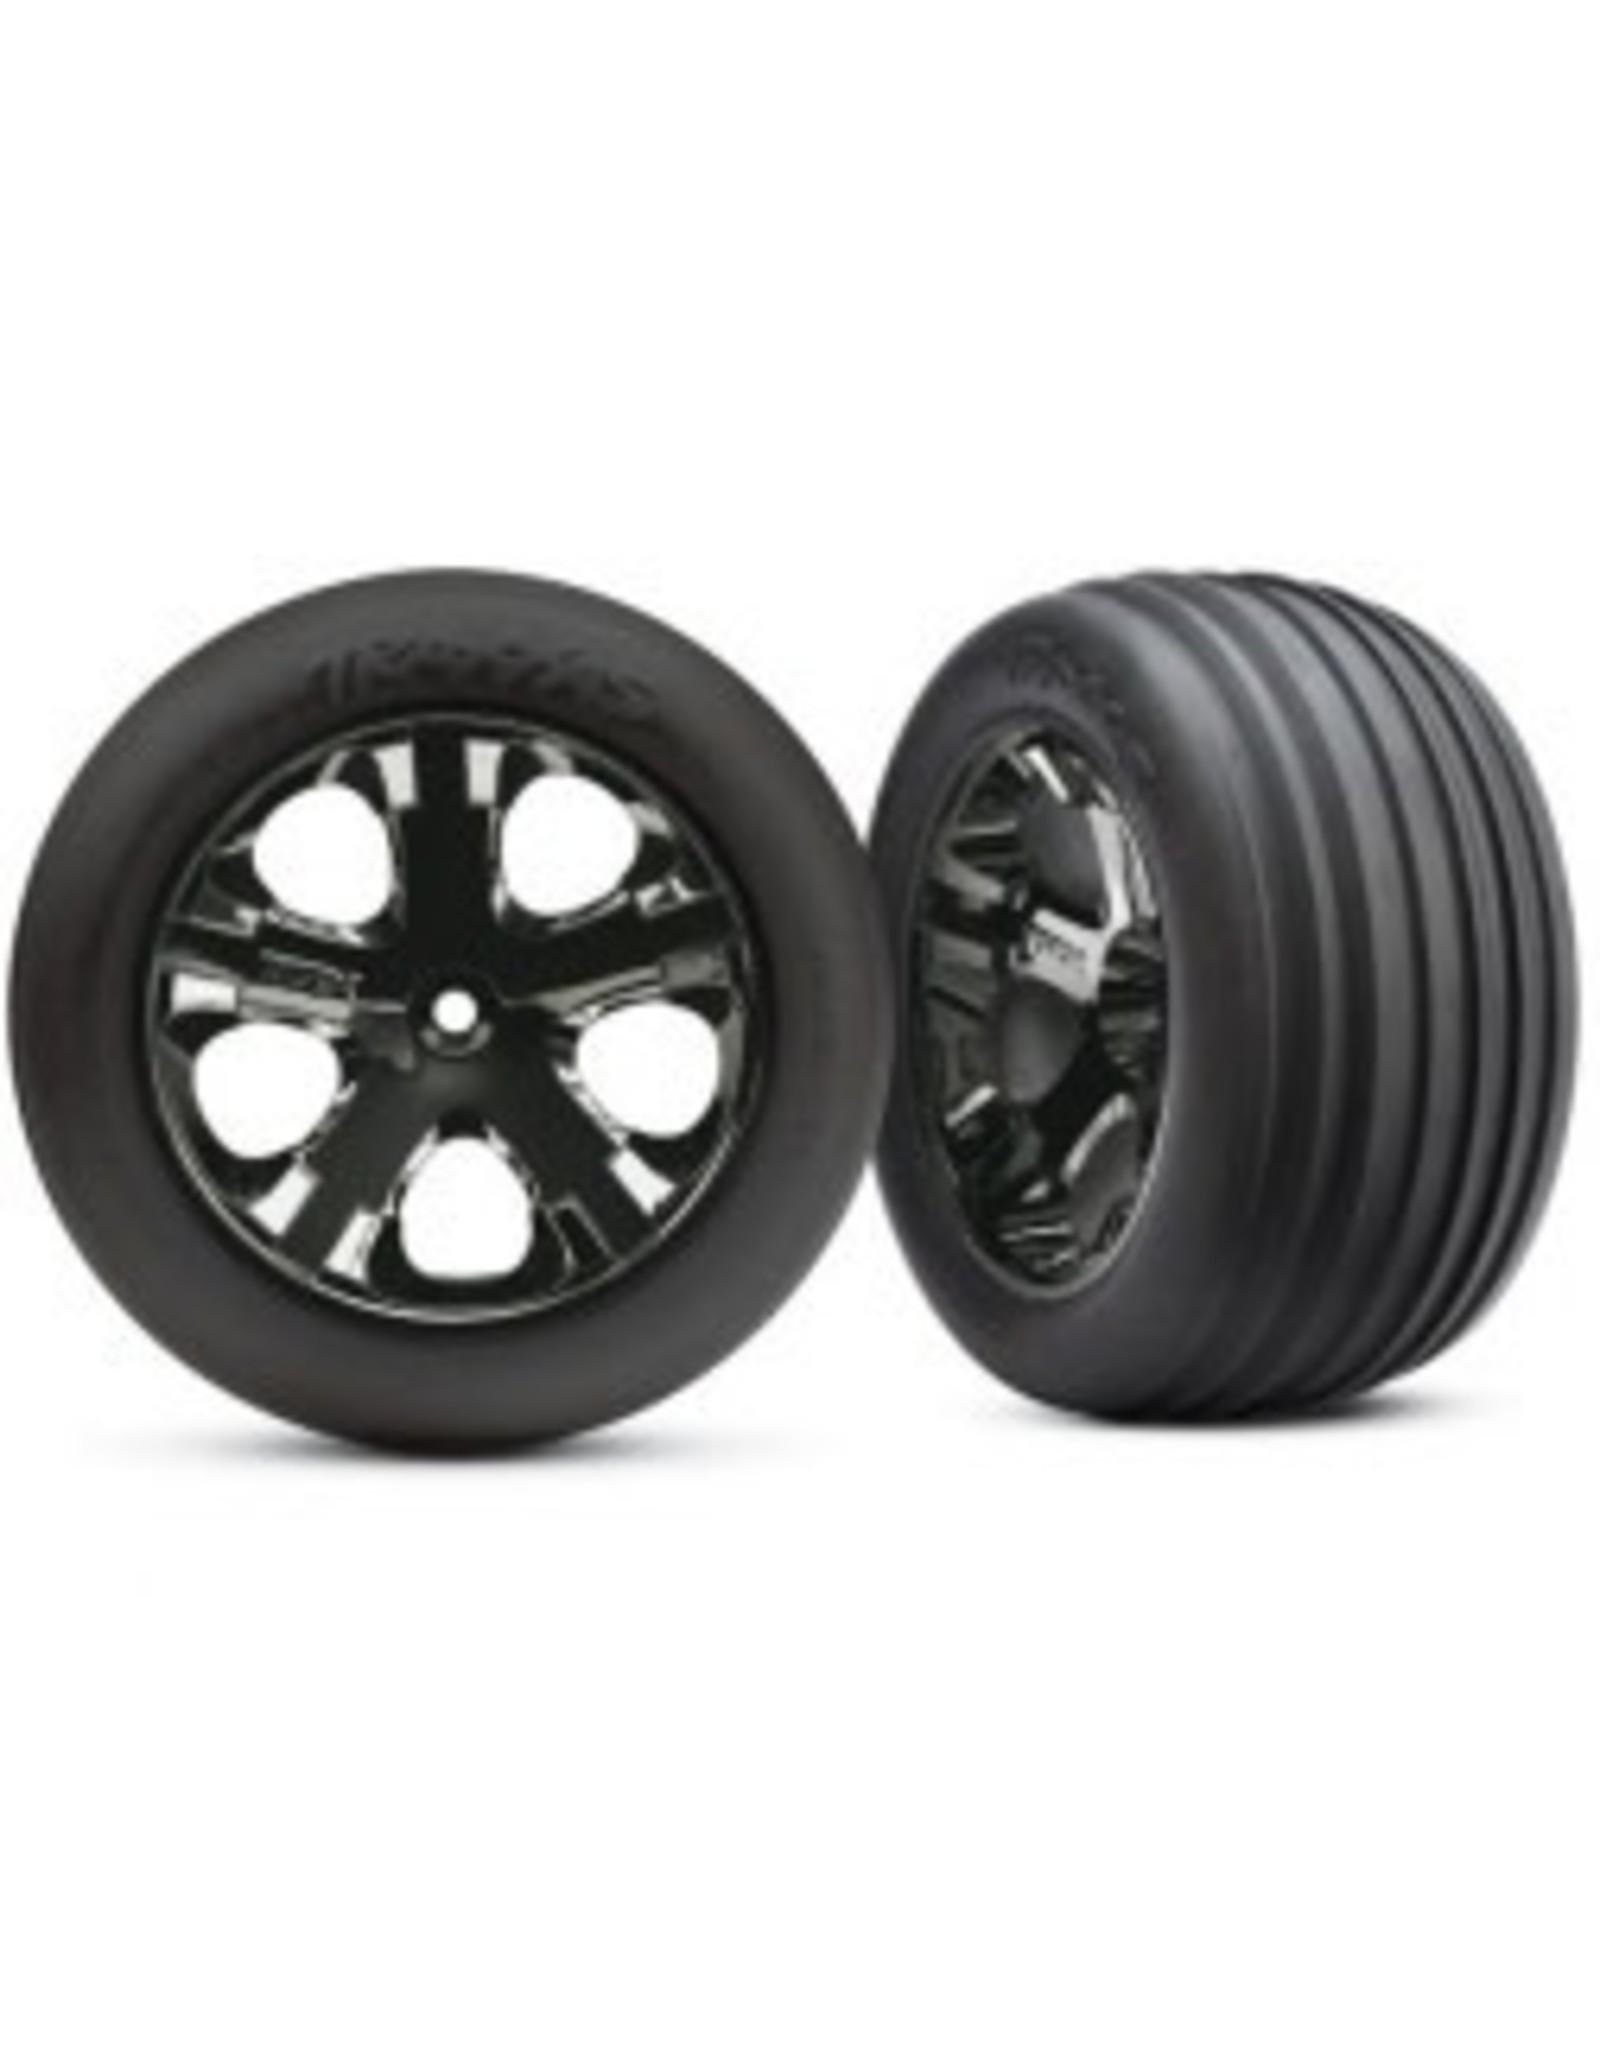 Traxxas All-Star Blk Chrome Whls w/ Alias Tires (2),FR:VXL  (TRA3771A)